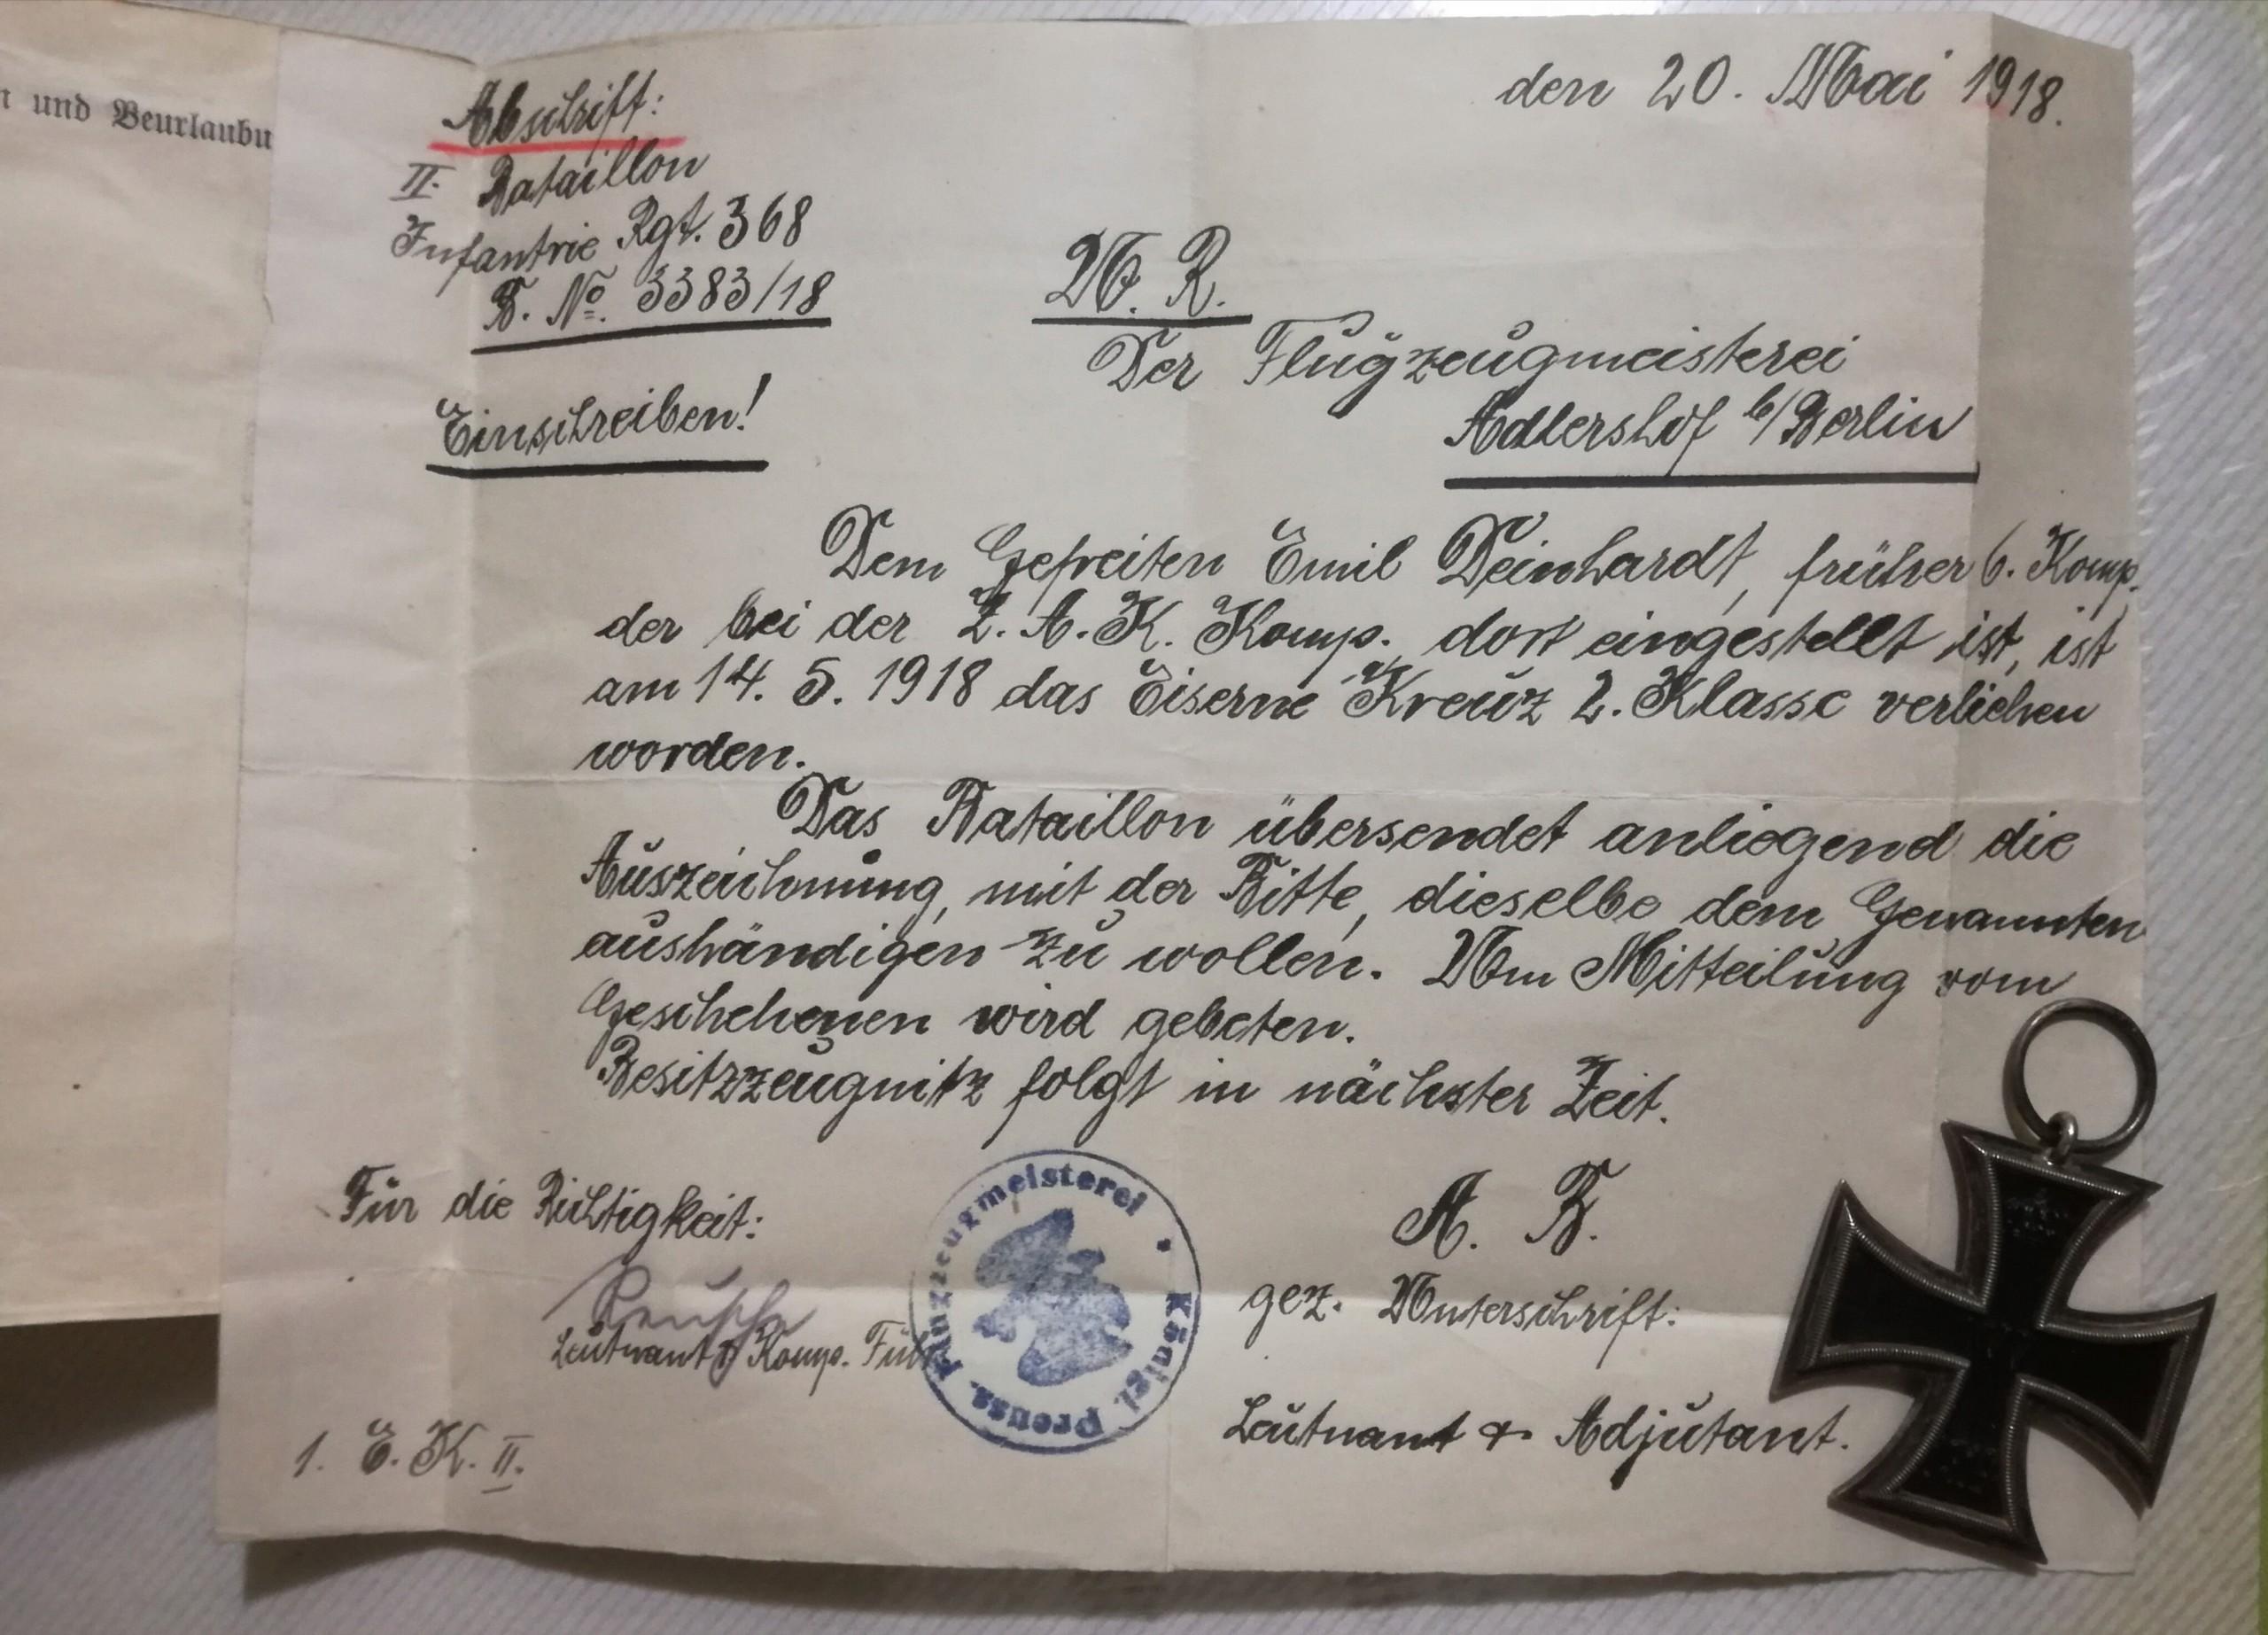 MEDALLAS ALEMANAS 1914-1945. Últimas adquisiciones. - Página 7 Img_2113